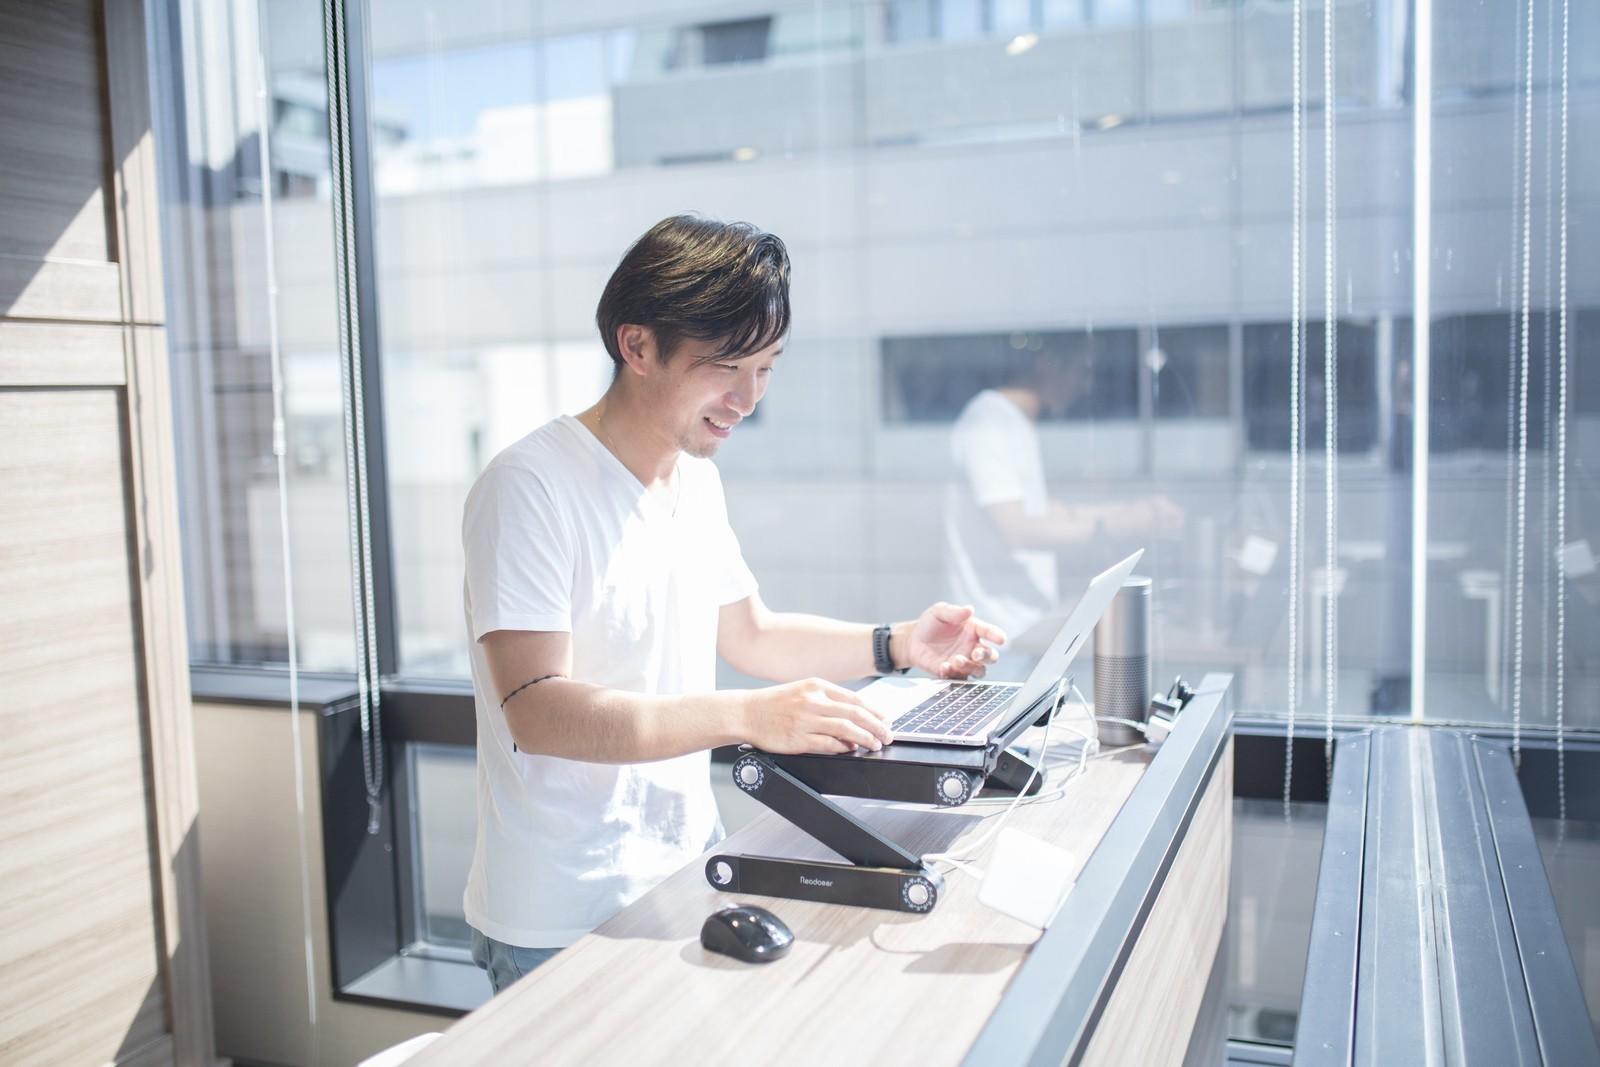 【完全自社・残業時間は5時間以下】SaaS型ビジネスコラボツール「Aipo」の開発を牽引するエンジニア募集!